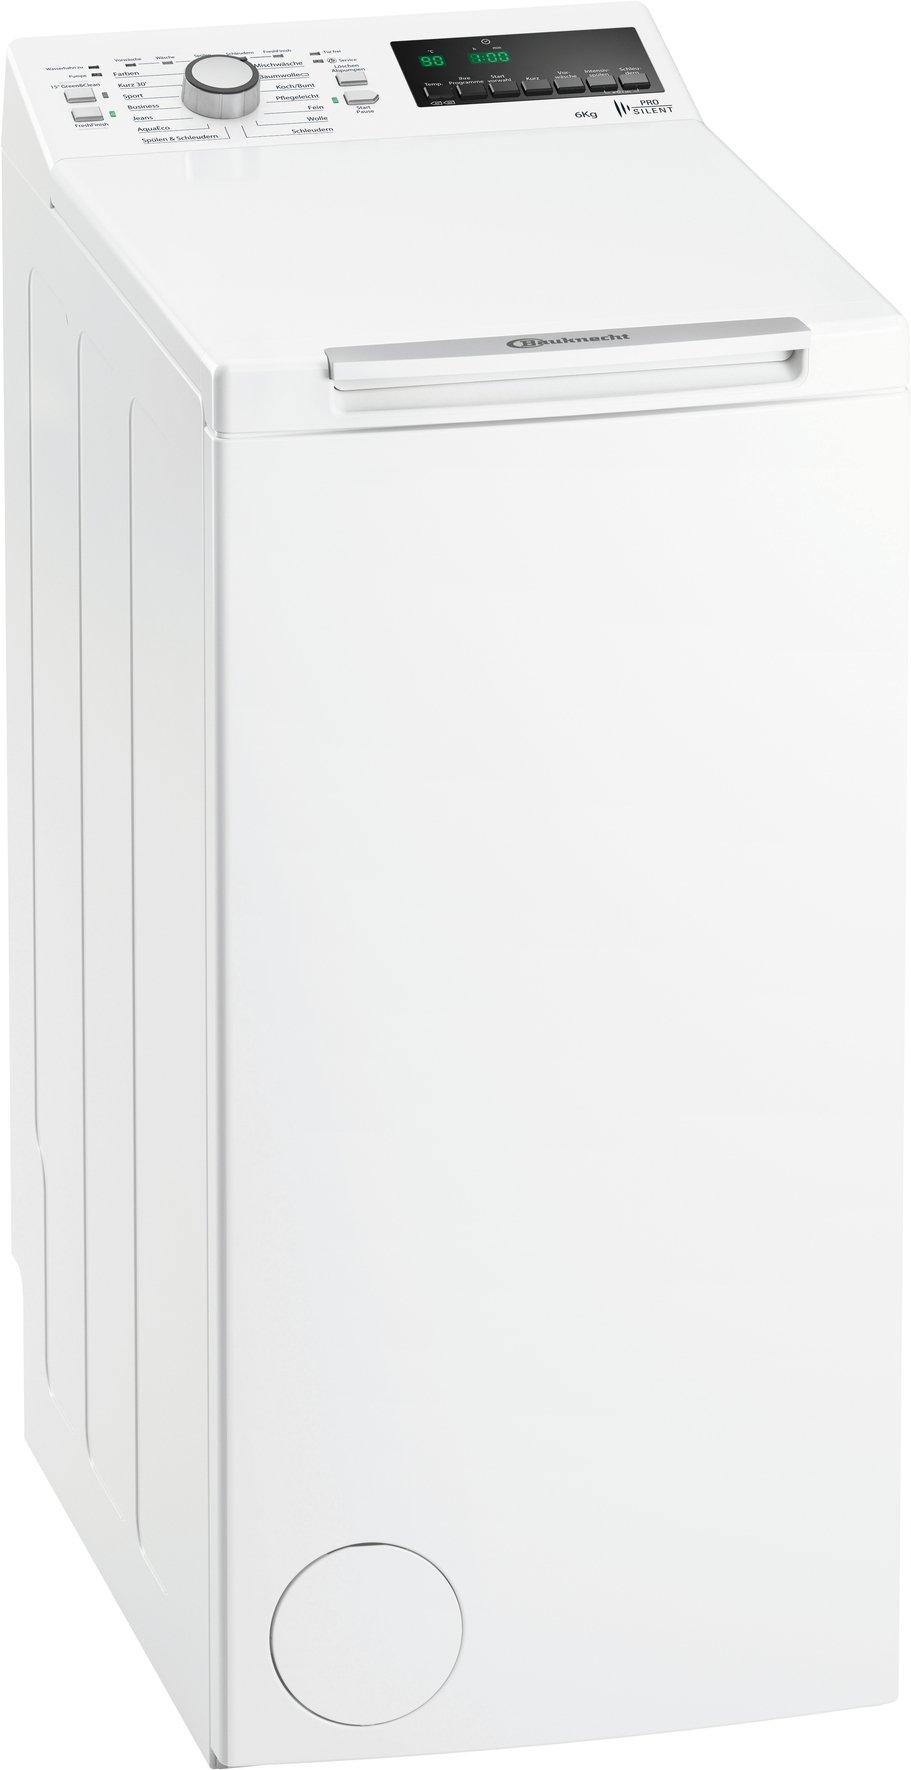 Bauknecht-WAT-Prime-652-PS-Waschmaschine-TLA-137-kWhJahr-1200-UpM-6-kgStartzeitvorwahl-und-RestzeitanzeigePro-Silent-Motorwei